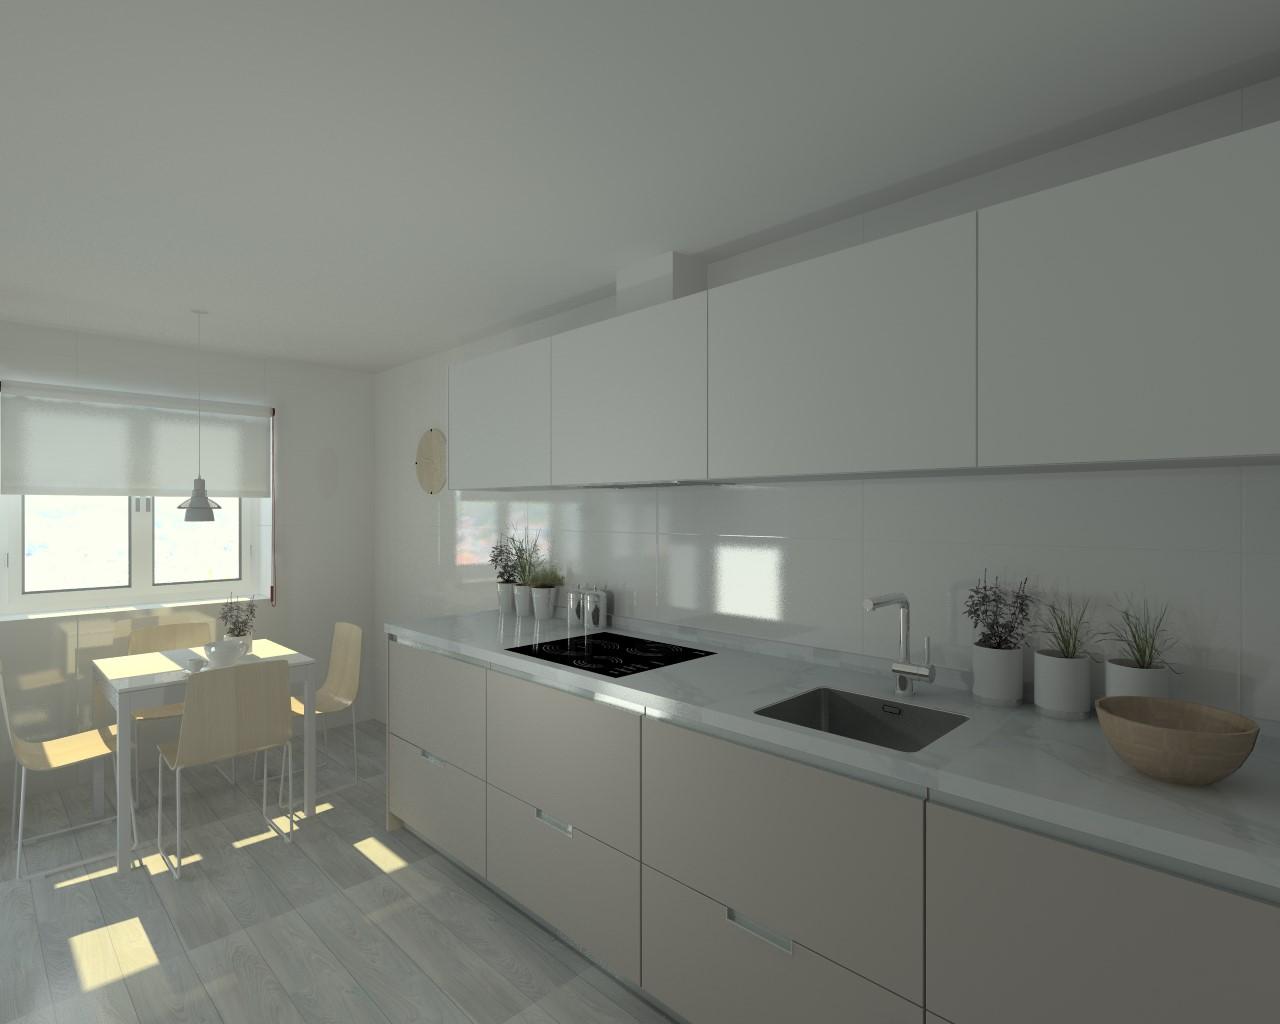 Modelos muebles de cocina modelo focus cocinas modernas for Modelos de muebles de cocina altos y bajos